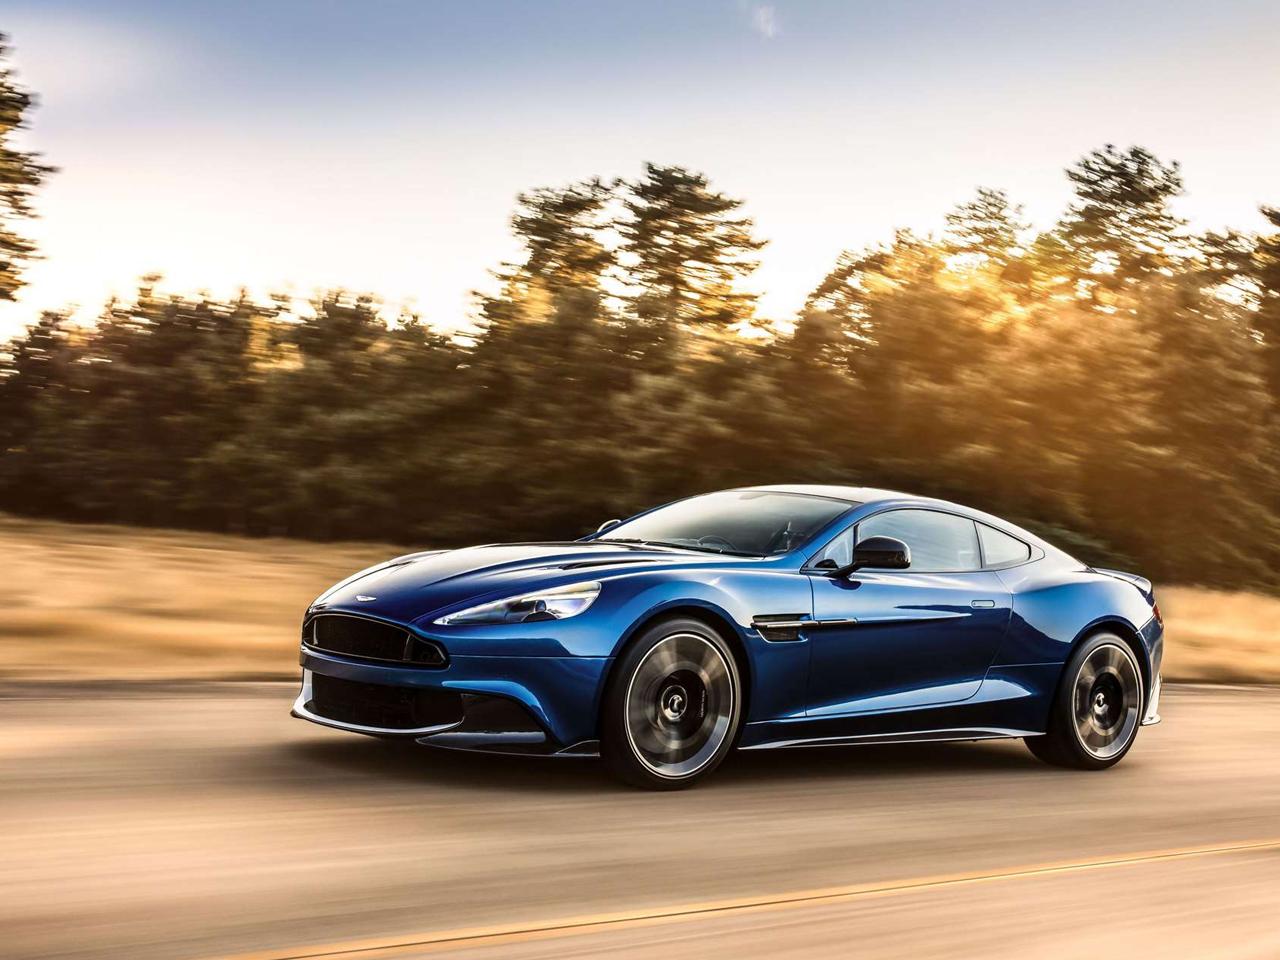 Aston Martin Vanquish Van Nuys Aston Martin Dealer Los Angeles - Aston martin los angeles